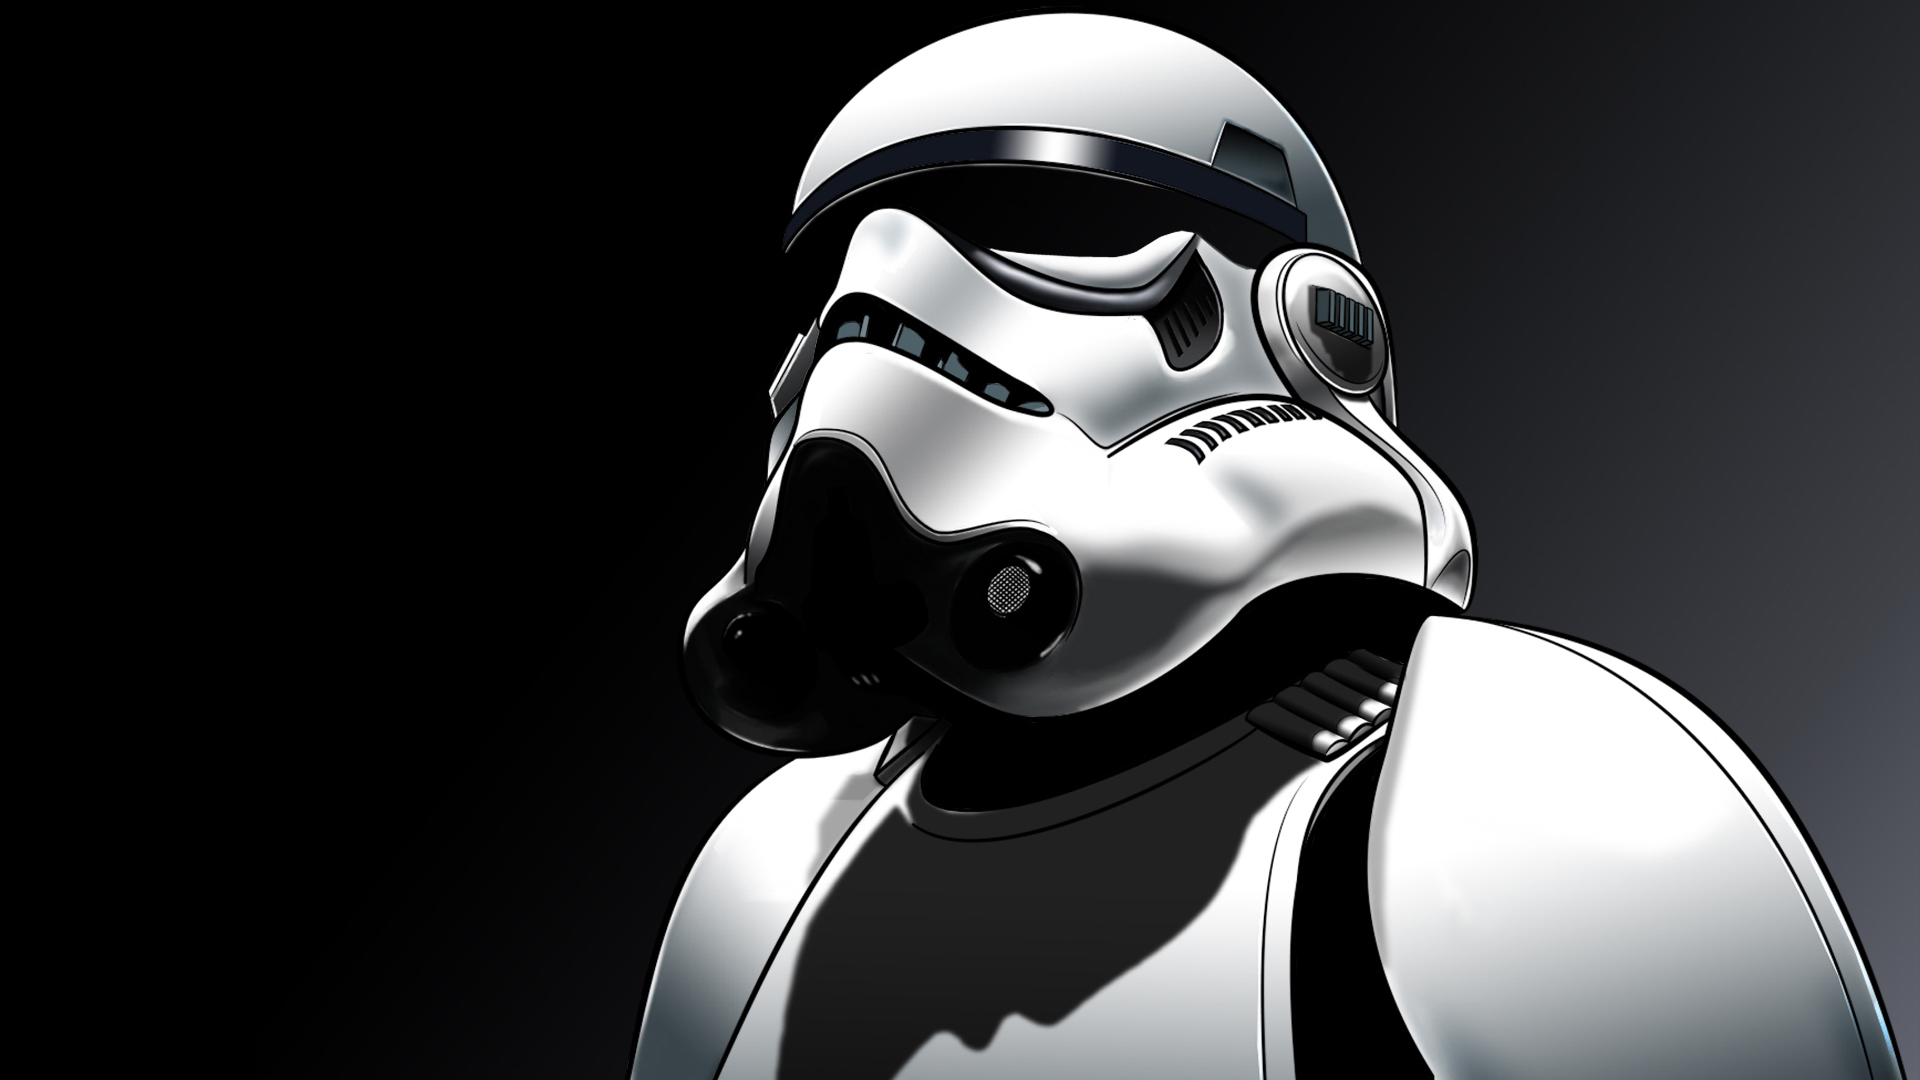 Stormtrooper Hd Wallpaper 1920x1080 Gludy